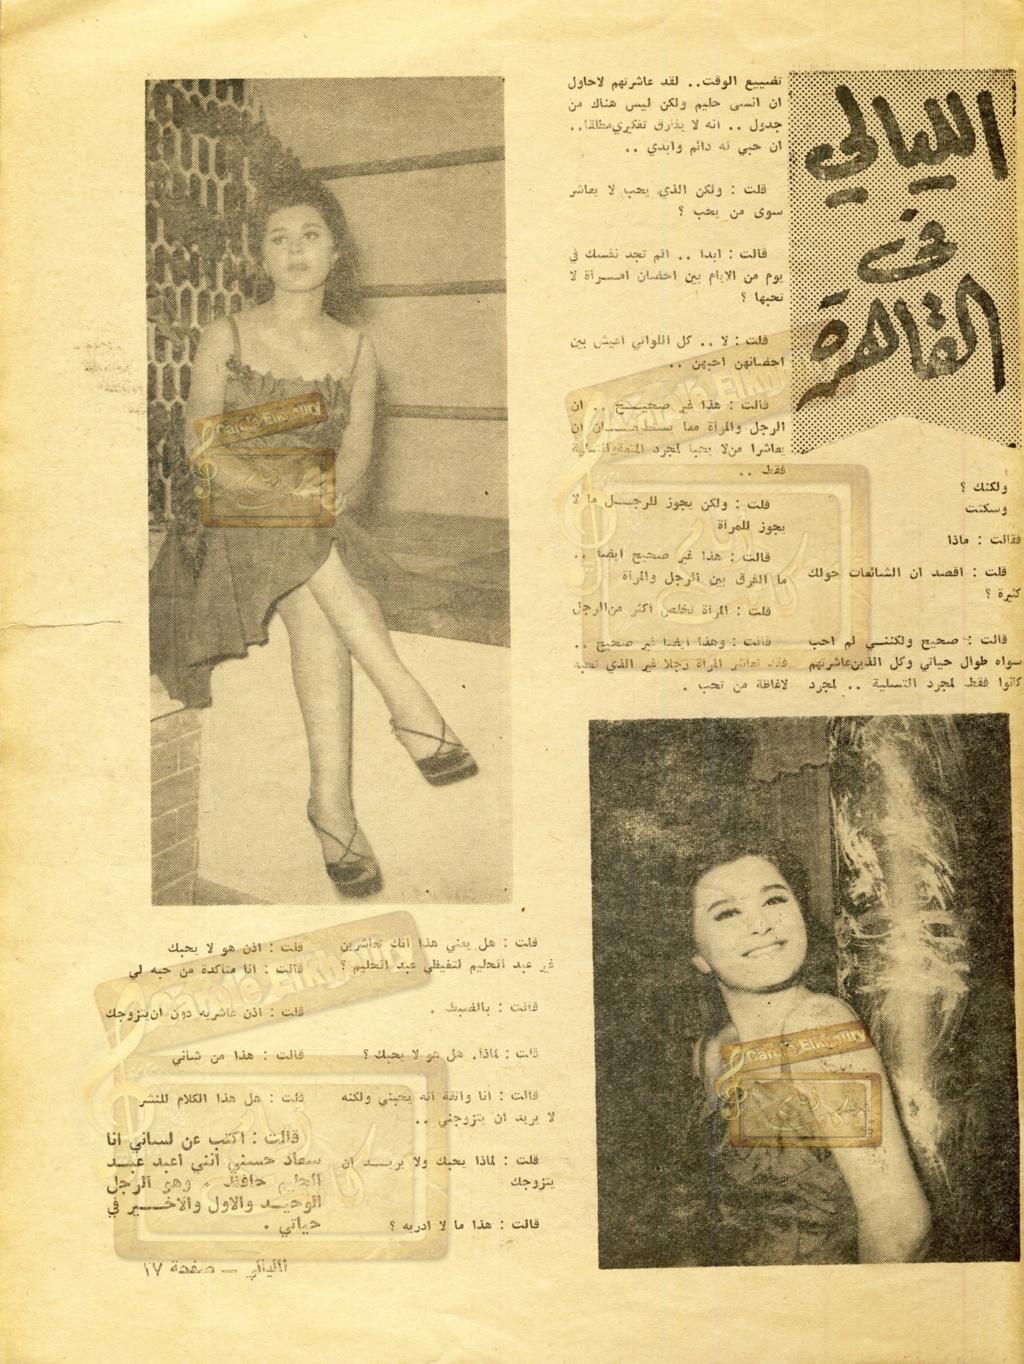 صحفي - حوار صحفي : سعاد حسني .. عبدالحليم حافظ الرجل الأوّل والأخير في حياتي 1965 م 262